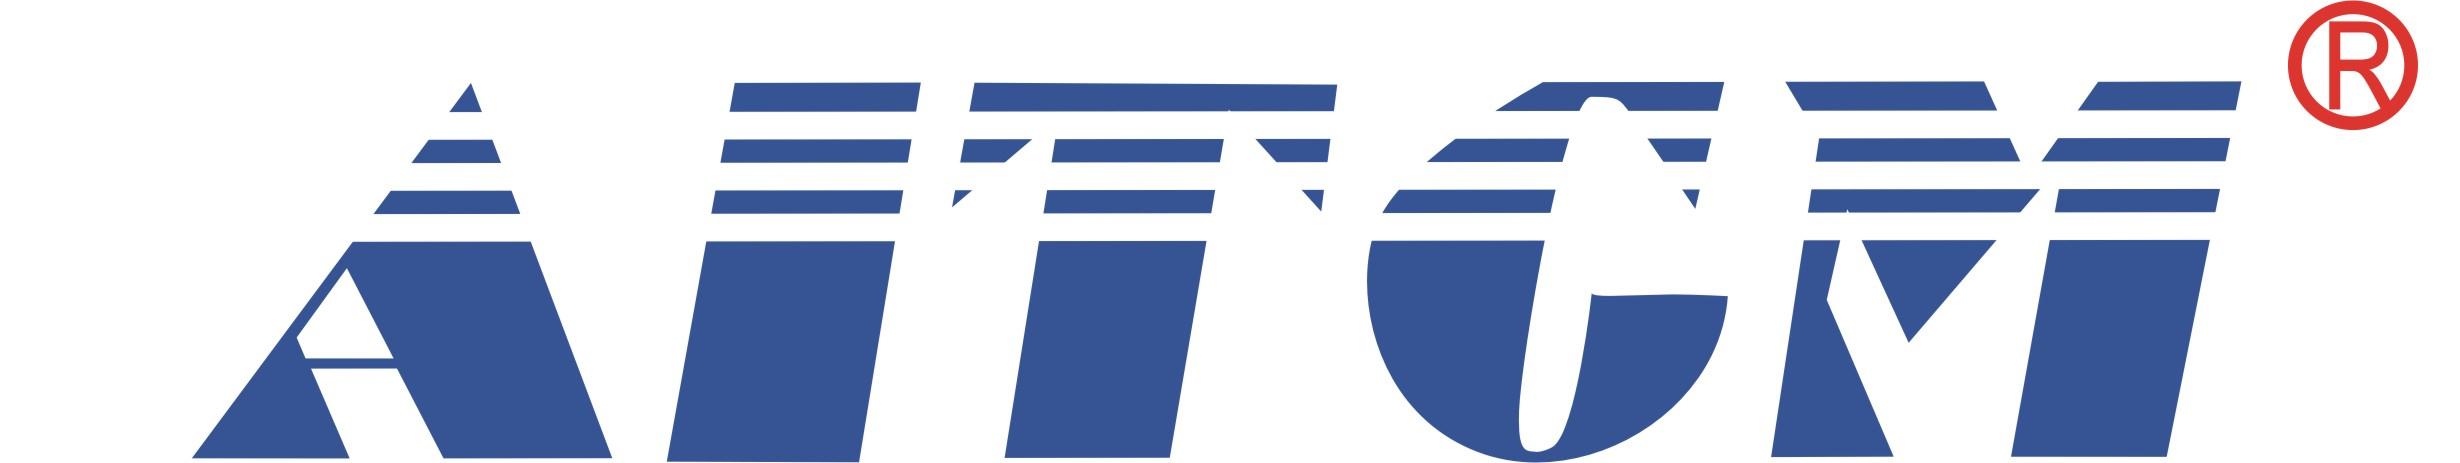 东莞市宏山自动识别技术有限公司